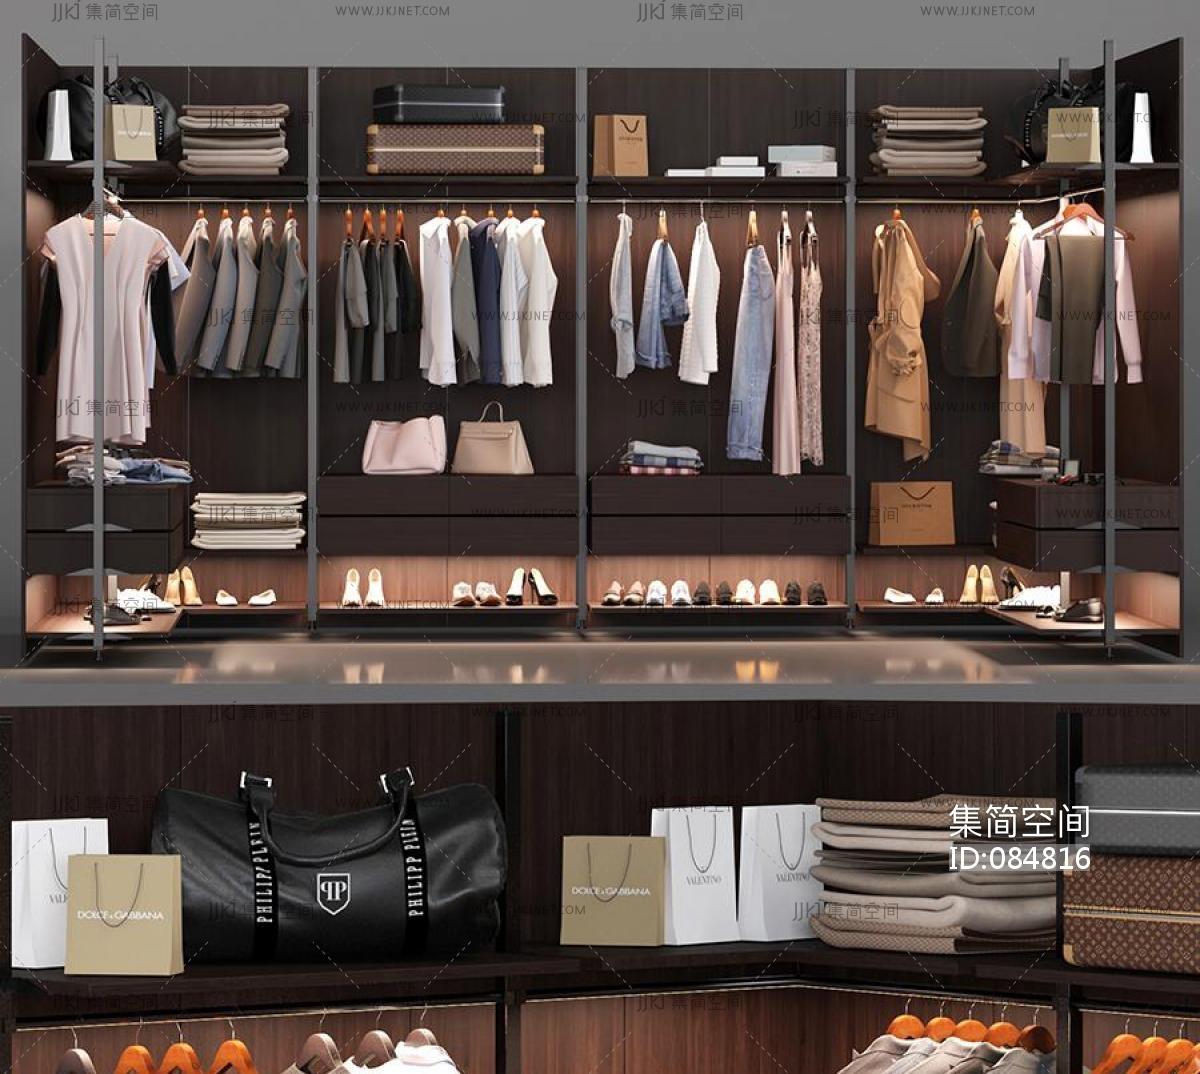 玄关鞋柜3d模型_衣柜服装,衣服衣柜衣橱-【集简空间】3d模型_su模型_贴图_草图 ...